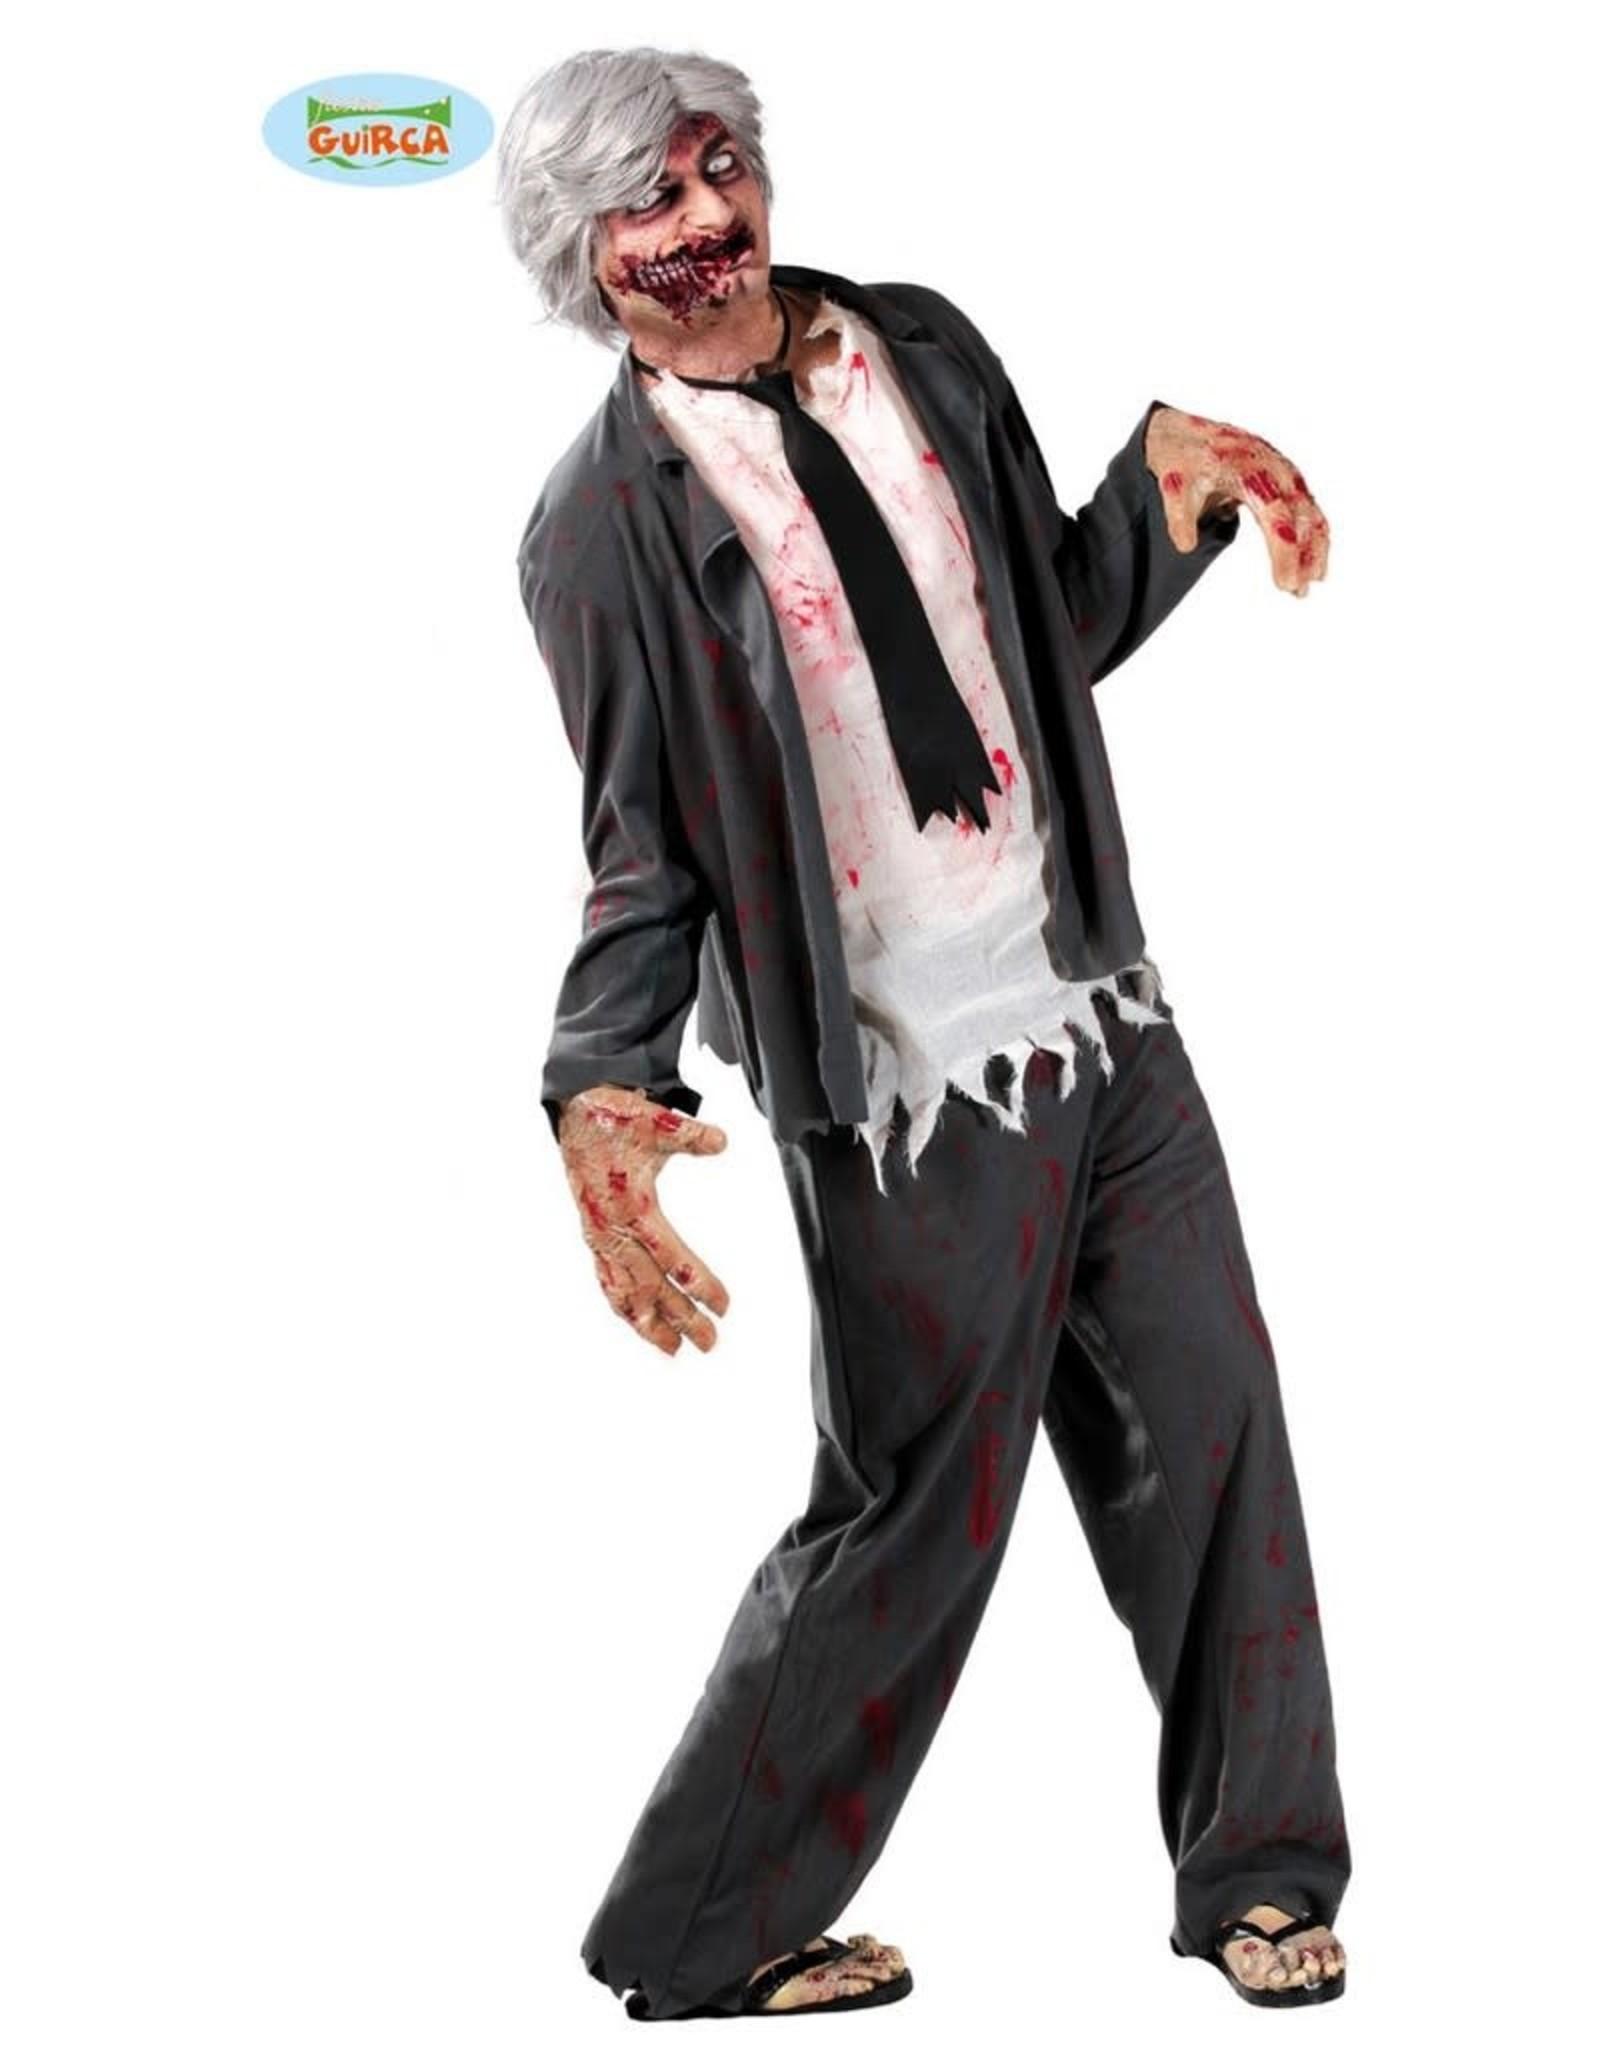 FIESTAS GUIRCA zombie L